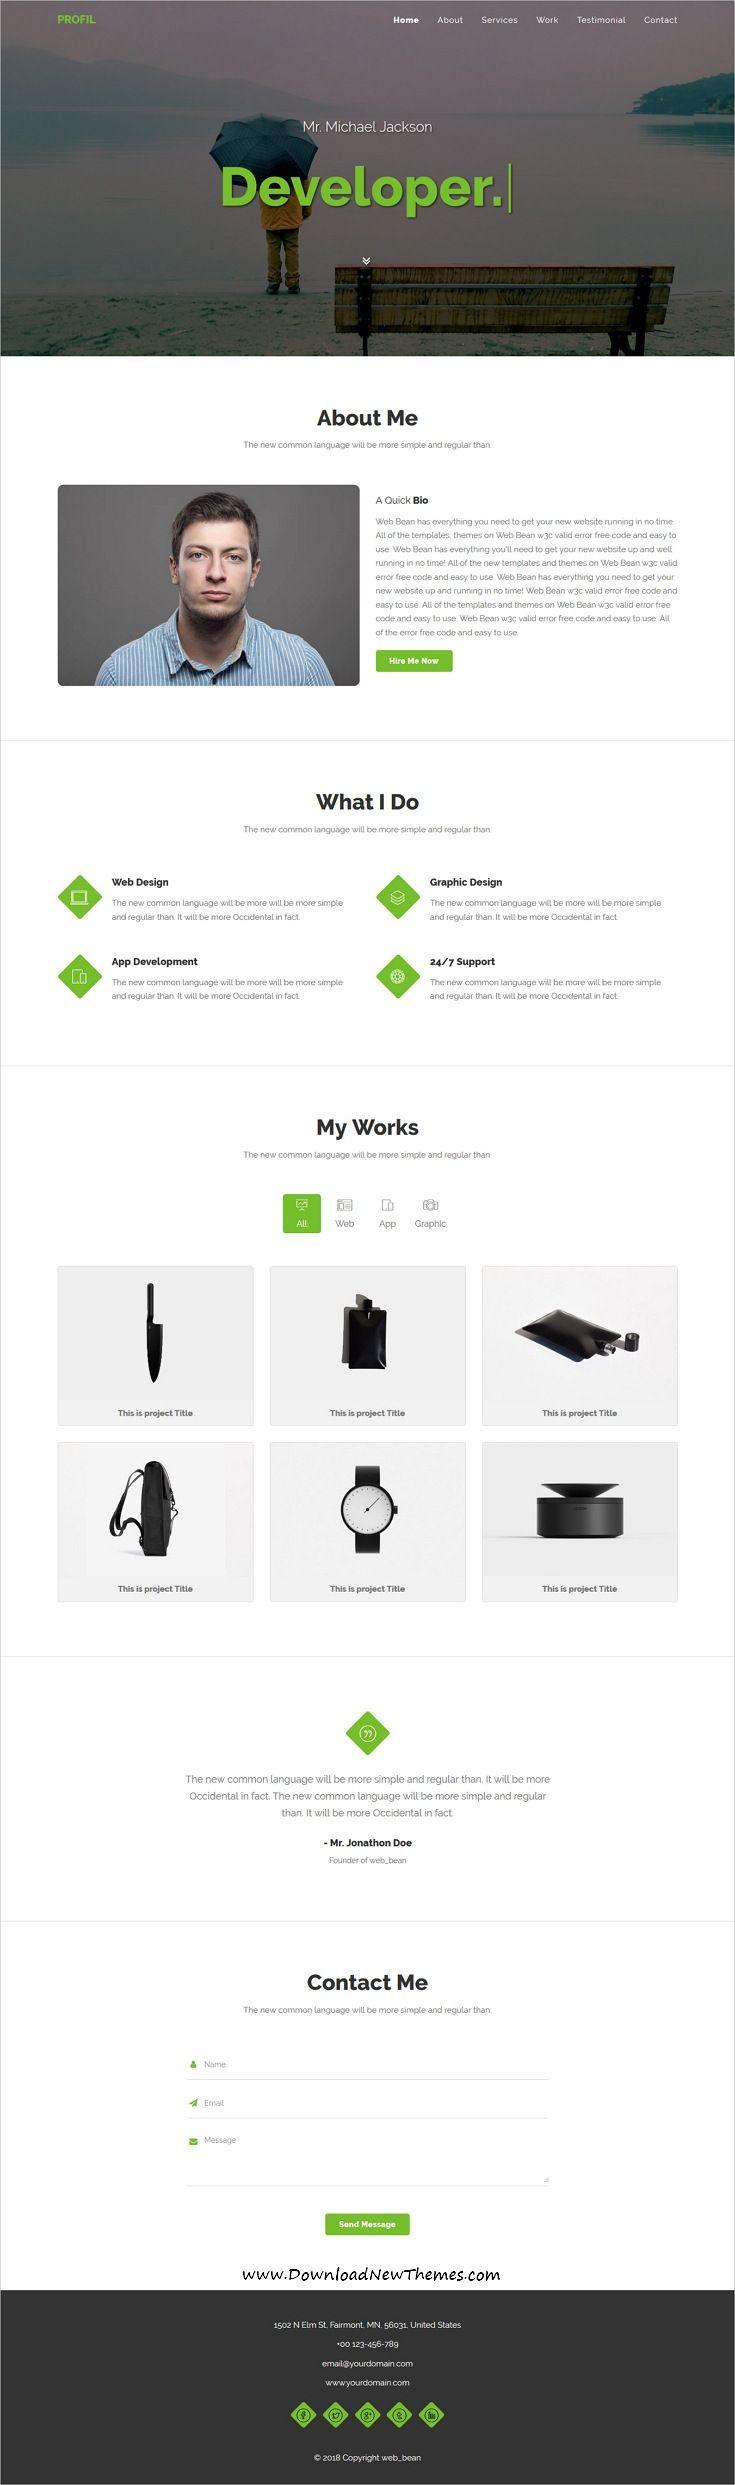 Profil Personal Portfolio Html5 Template Web Design Html5 Templates Web Design Tips